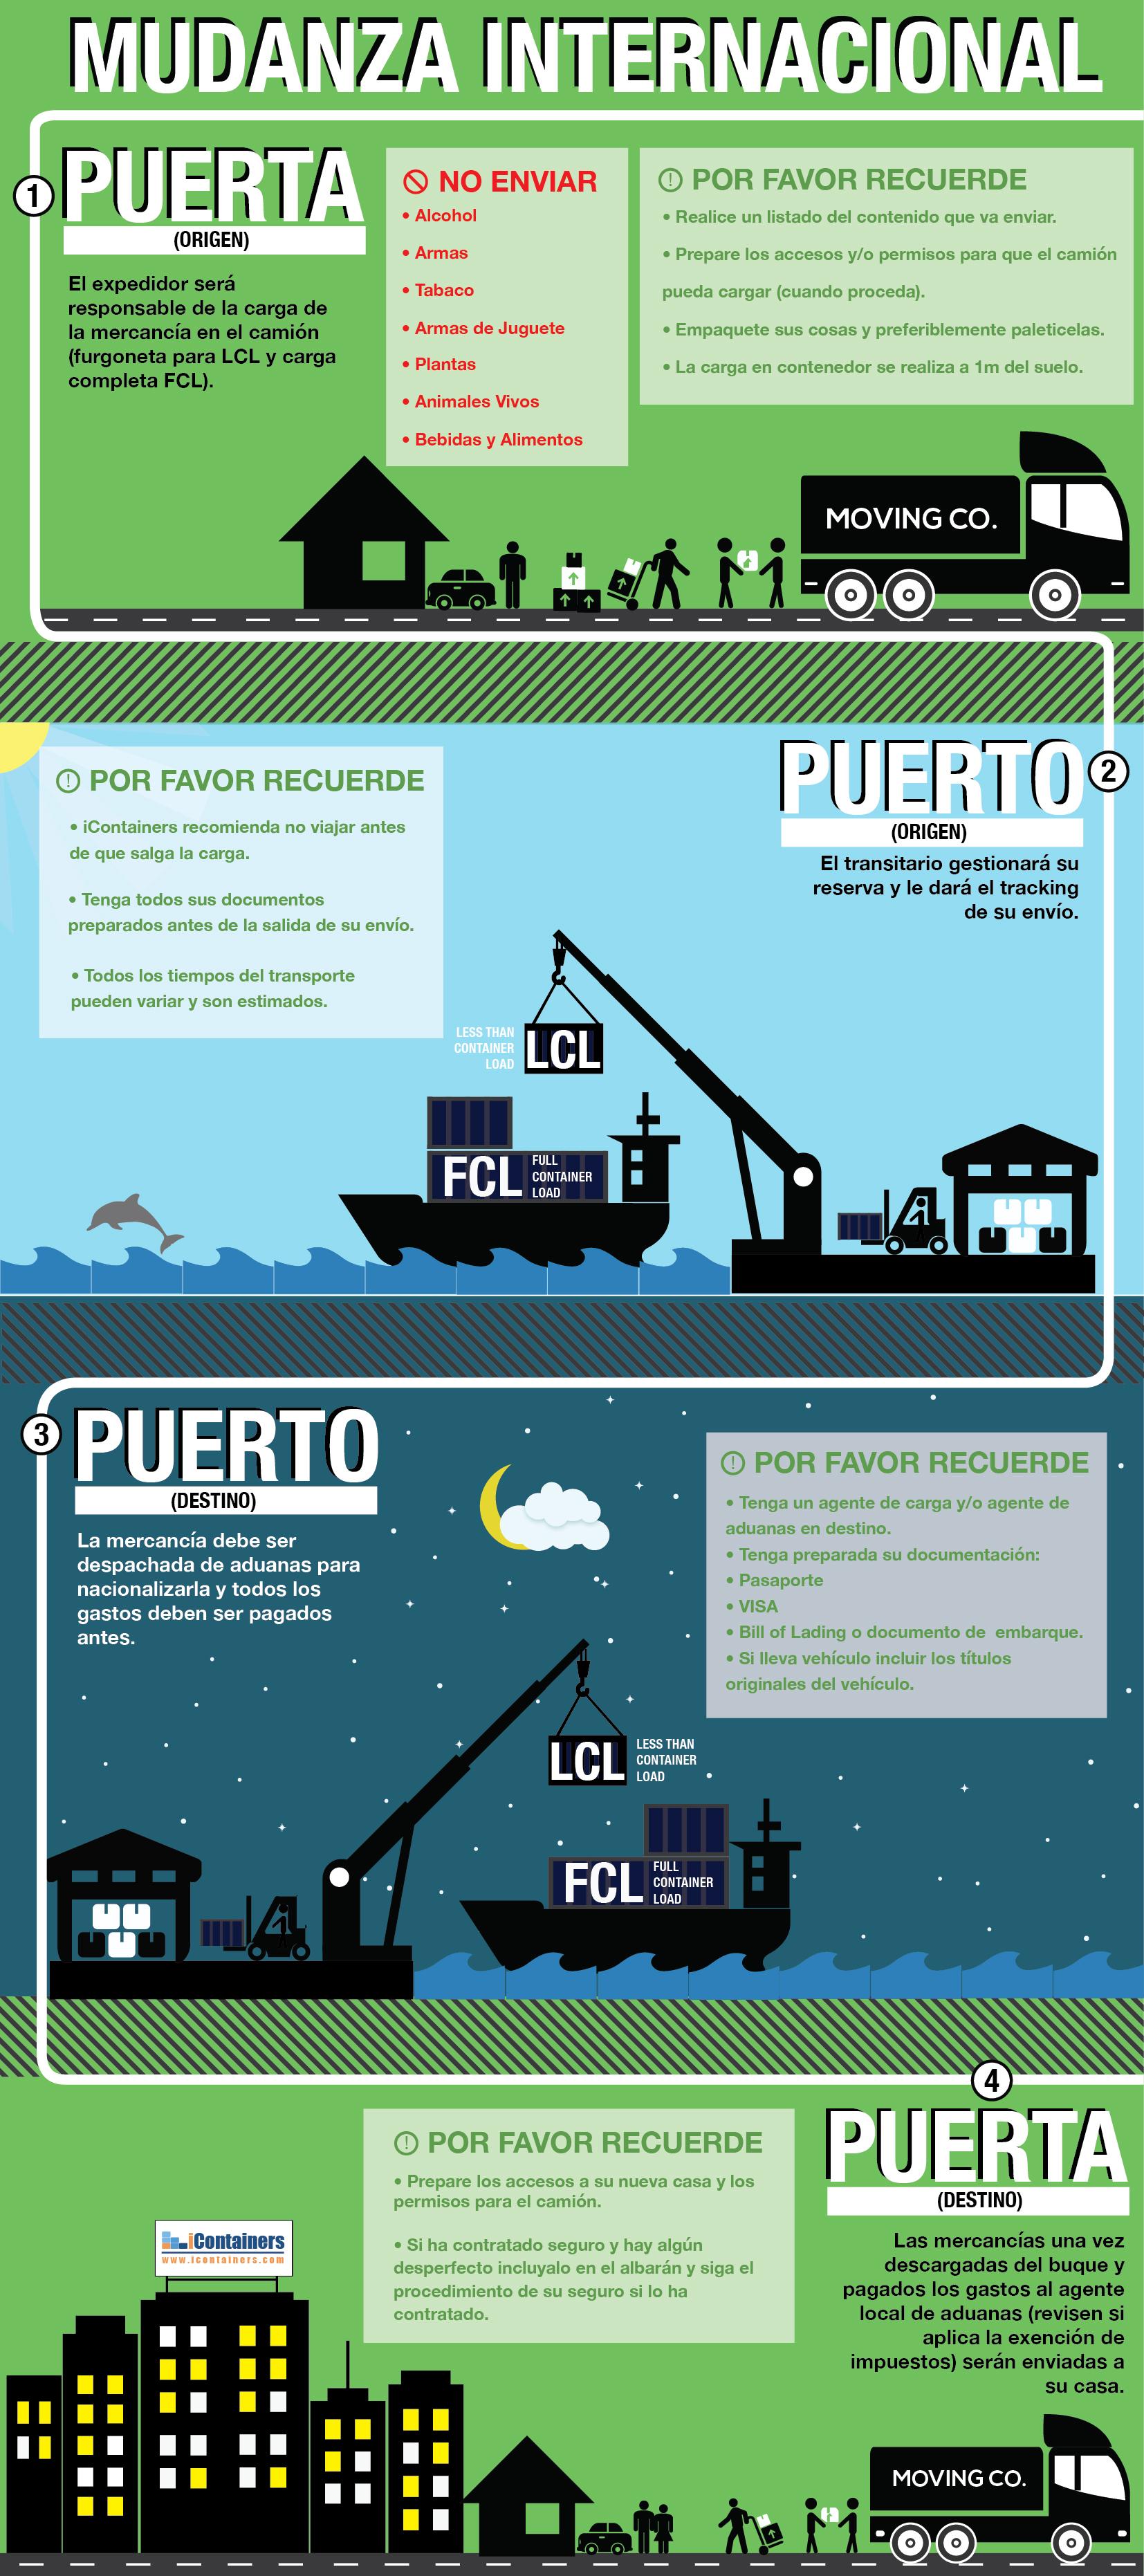 guía para mudanza Internacional asesora sobre cómo planificar un envío de contenedor completo o LCL de puerta a puerta